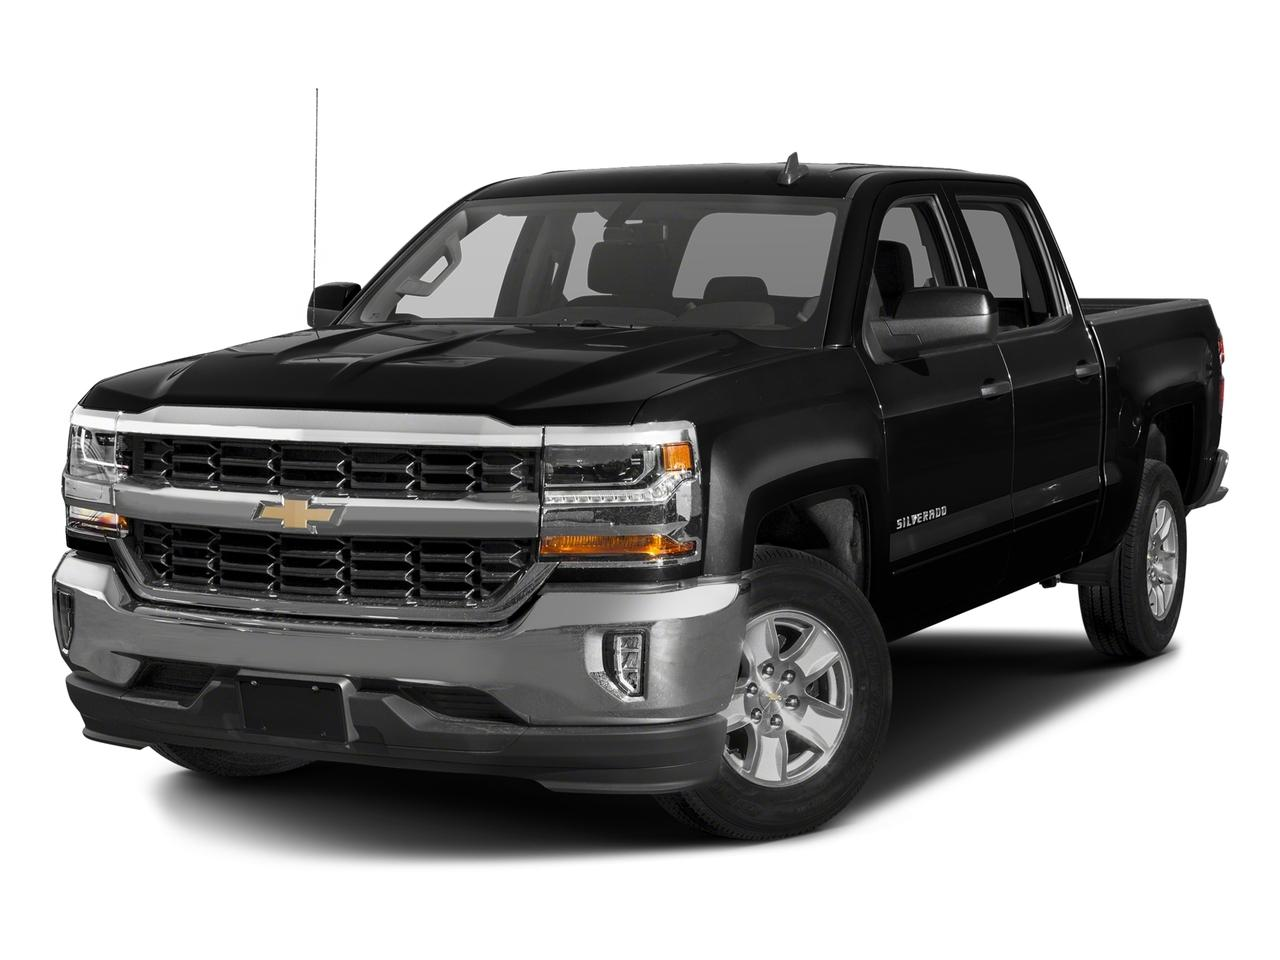 2018 Chevrolet Silverado 1500 Vehicle Photo in GAINESVILLE, TX 76240-2013